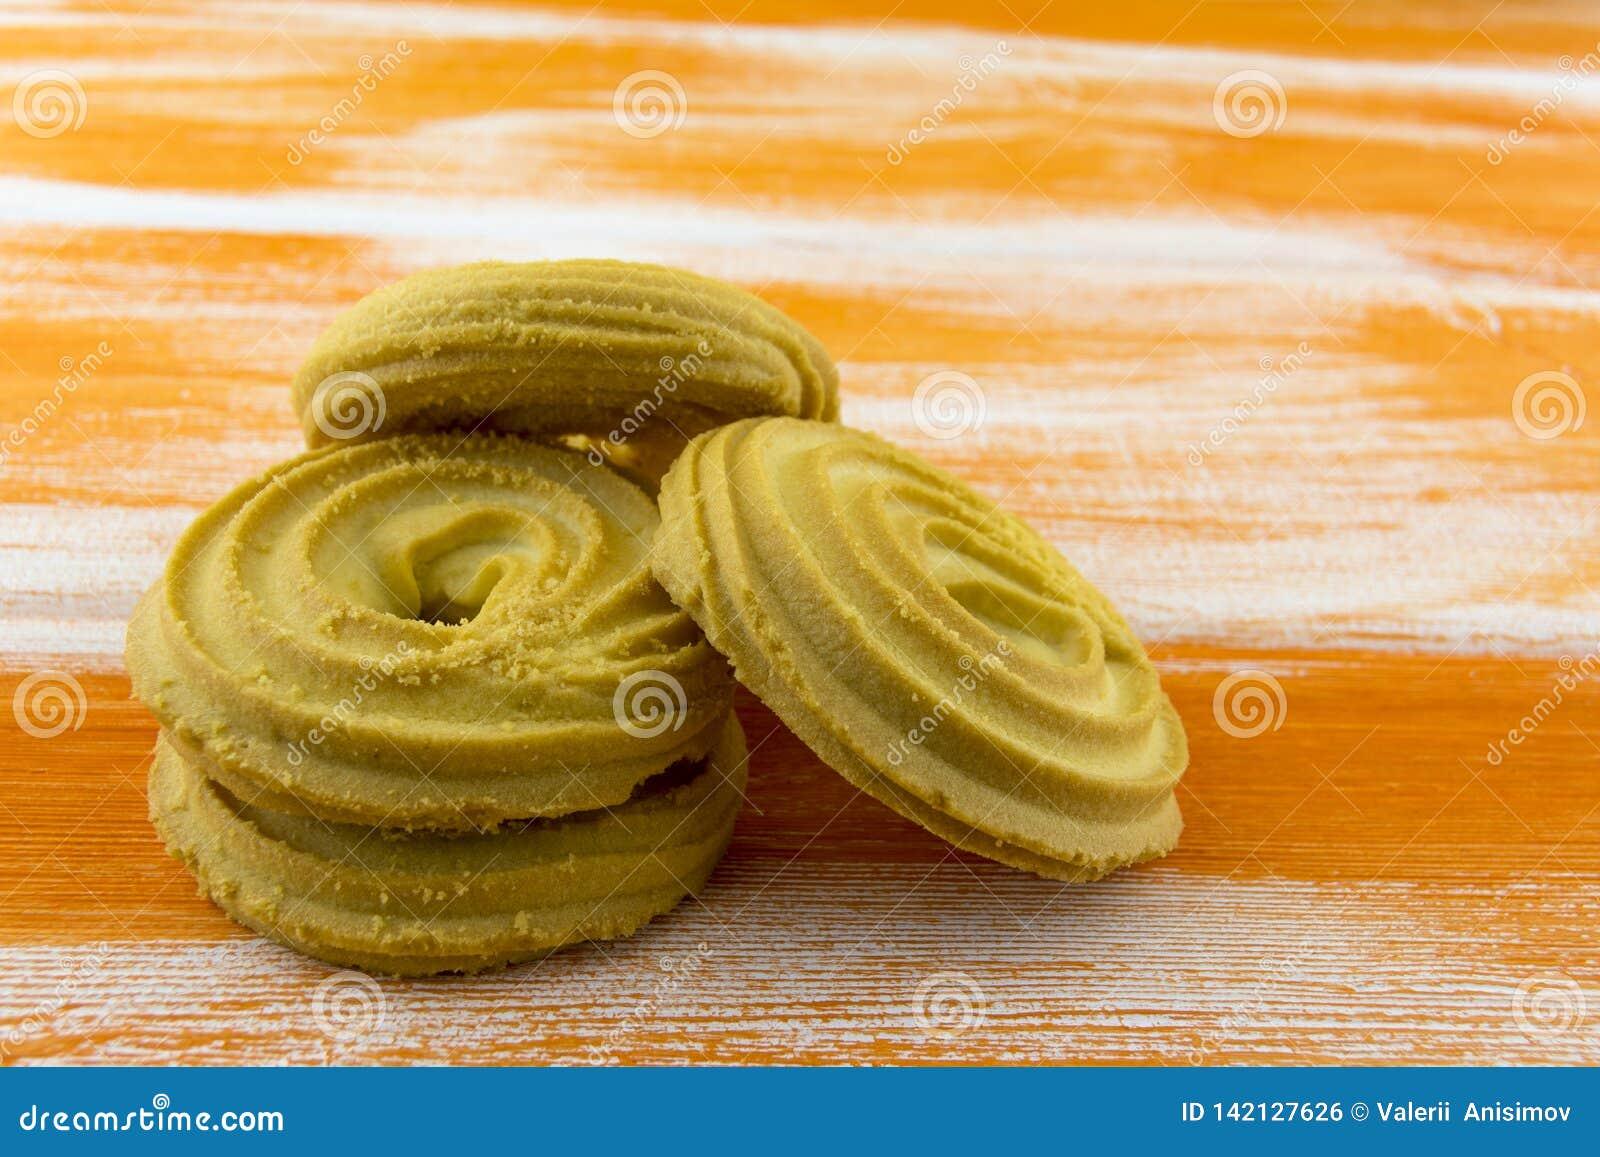 Biscuits sablés ronds se trouvant sur une table orange en bois